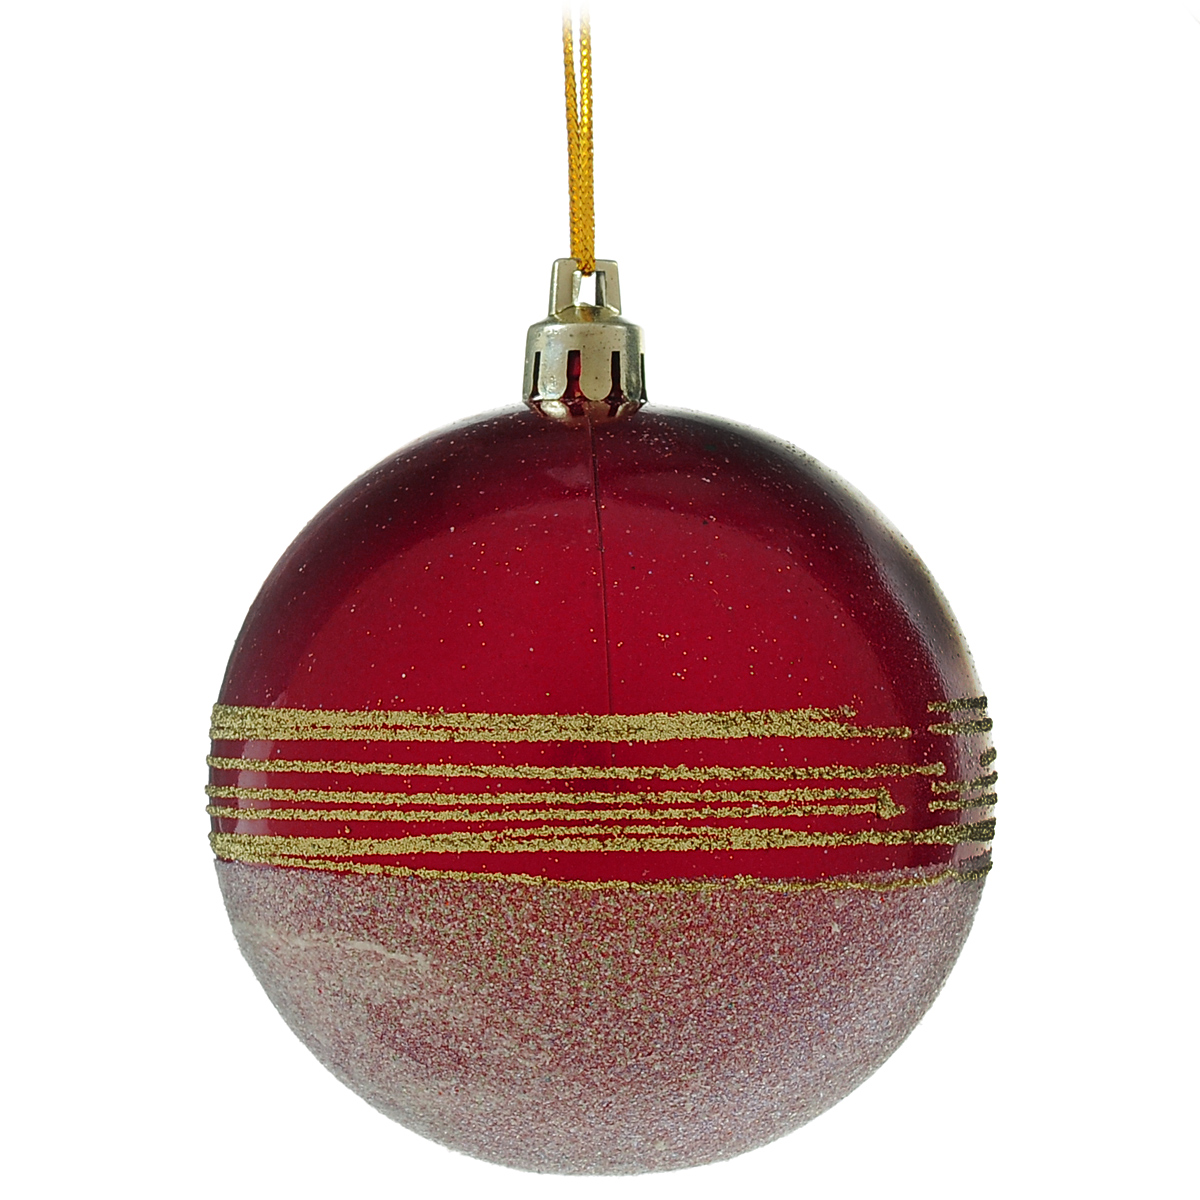 Новогоднее подвесное украшение Шар. DB13056702584Новогоднее подвесное украшение Шар выполнено из высококачественного пластика и декорировано блестками. С помощью специальной текстильной петельки украшение можно повесить в любом понравившемся вам месте. Но, конечно, удачнее всего такой шар будет смотреться на праздничной елке.Елочная игрушка - символ Нового года. Она несет в себе волшебство и красоту праздника. Создайте в своем доме атмосферу веселья и радости, украшая новогоднюю елку нарядными игрушками, которые будут из года в год накапливать теплоту воспоминаний.